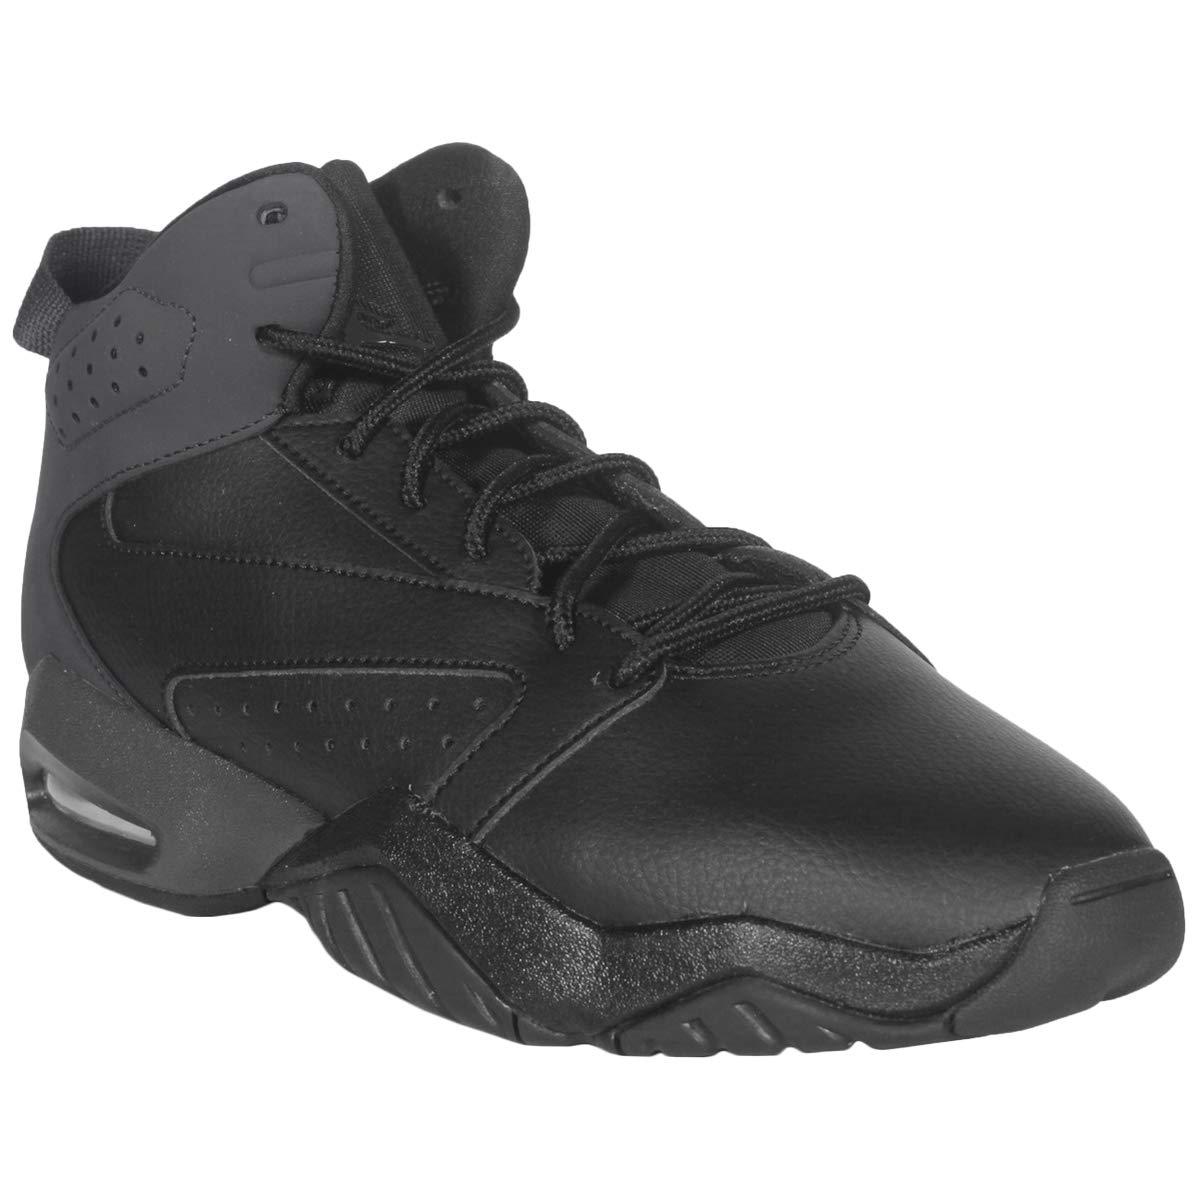 MultiCouleure (noir Anthracite noir 003) Nike Jordan Lift Off (GS), Chaussures de Fitness garçon 36 EU